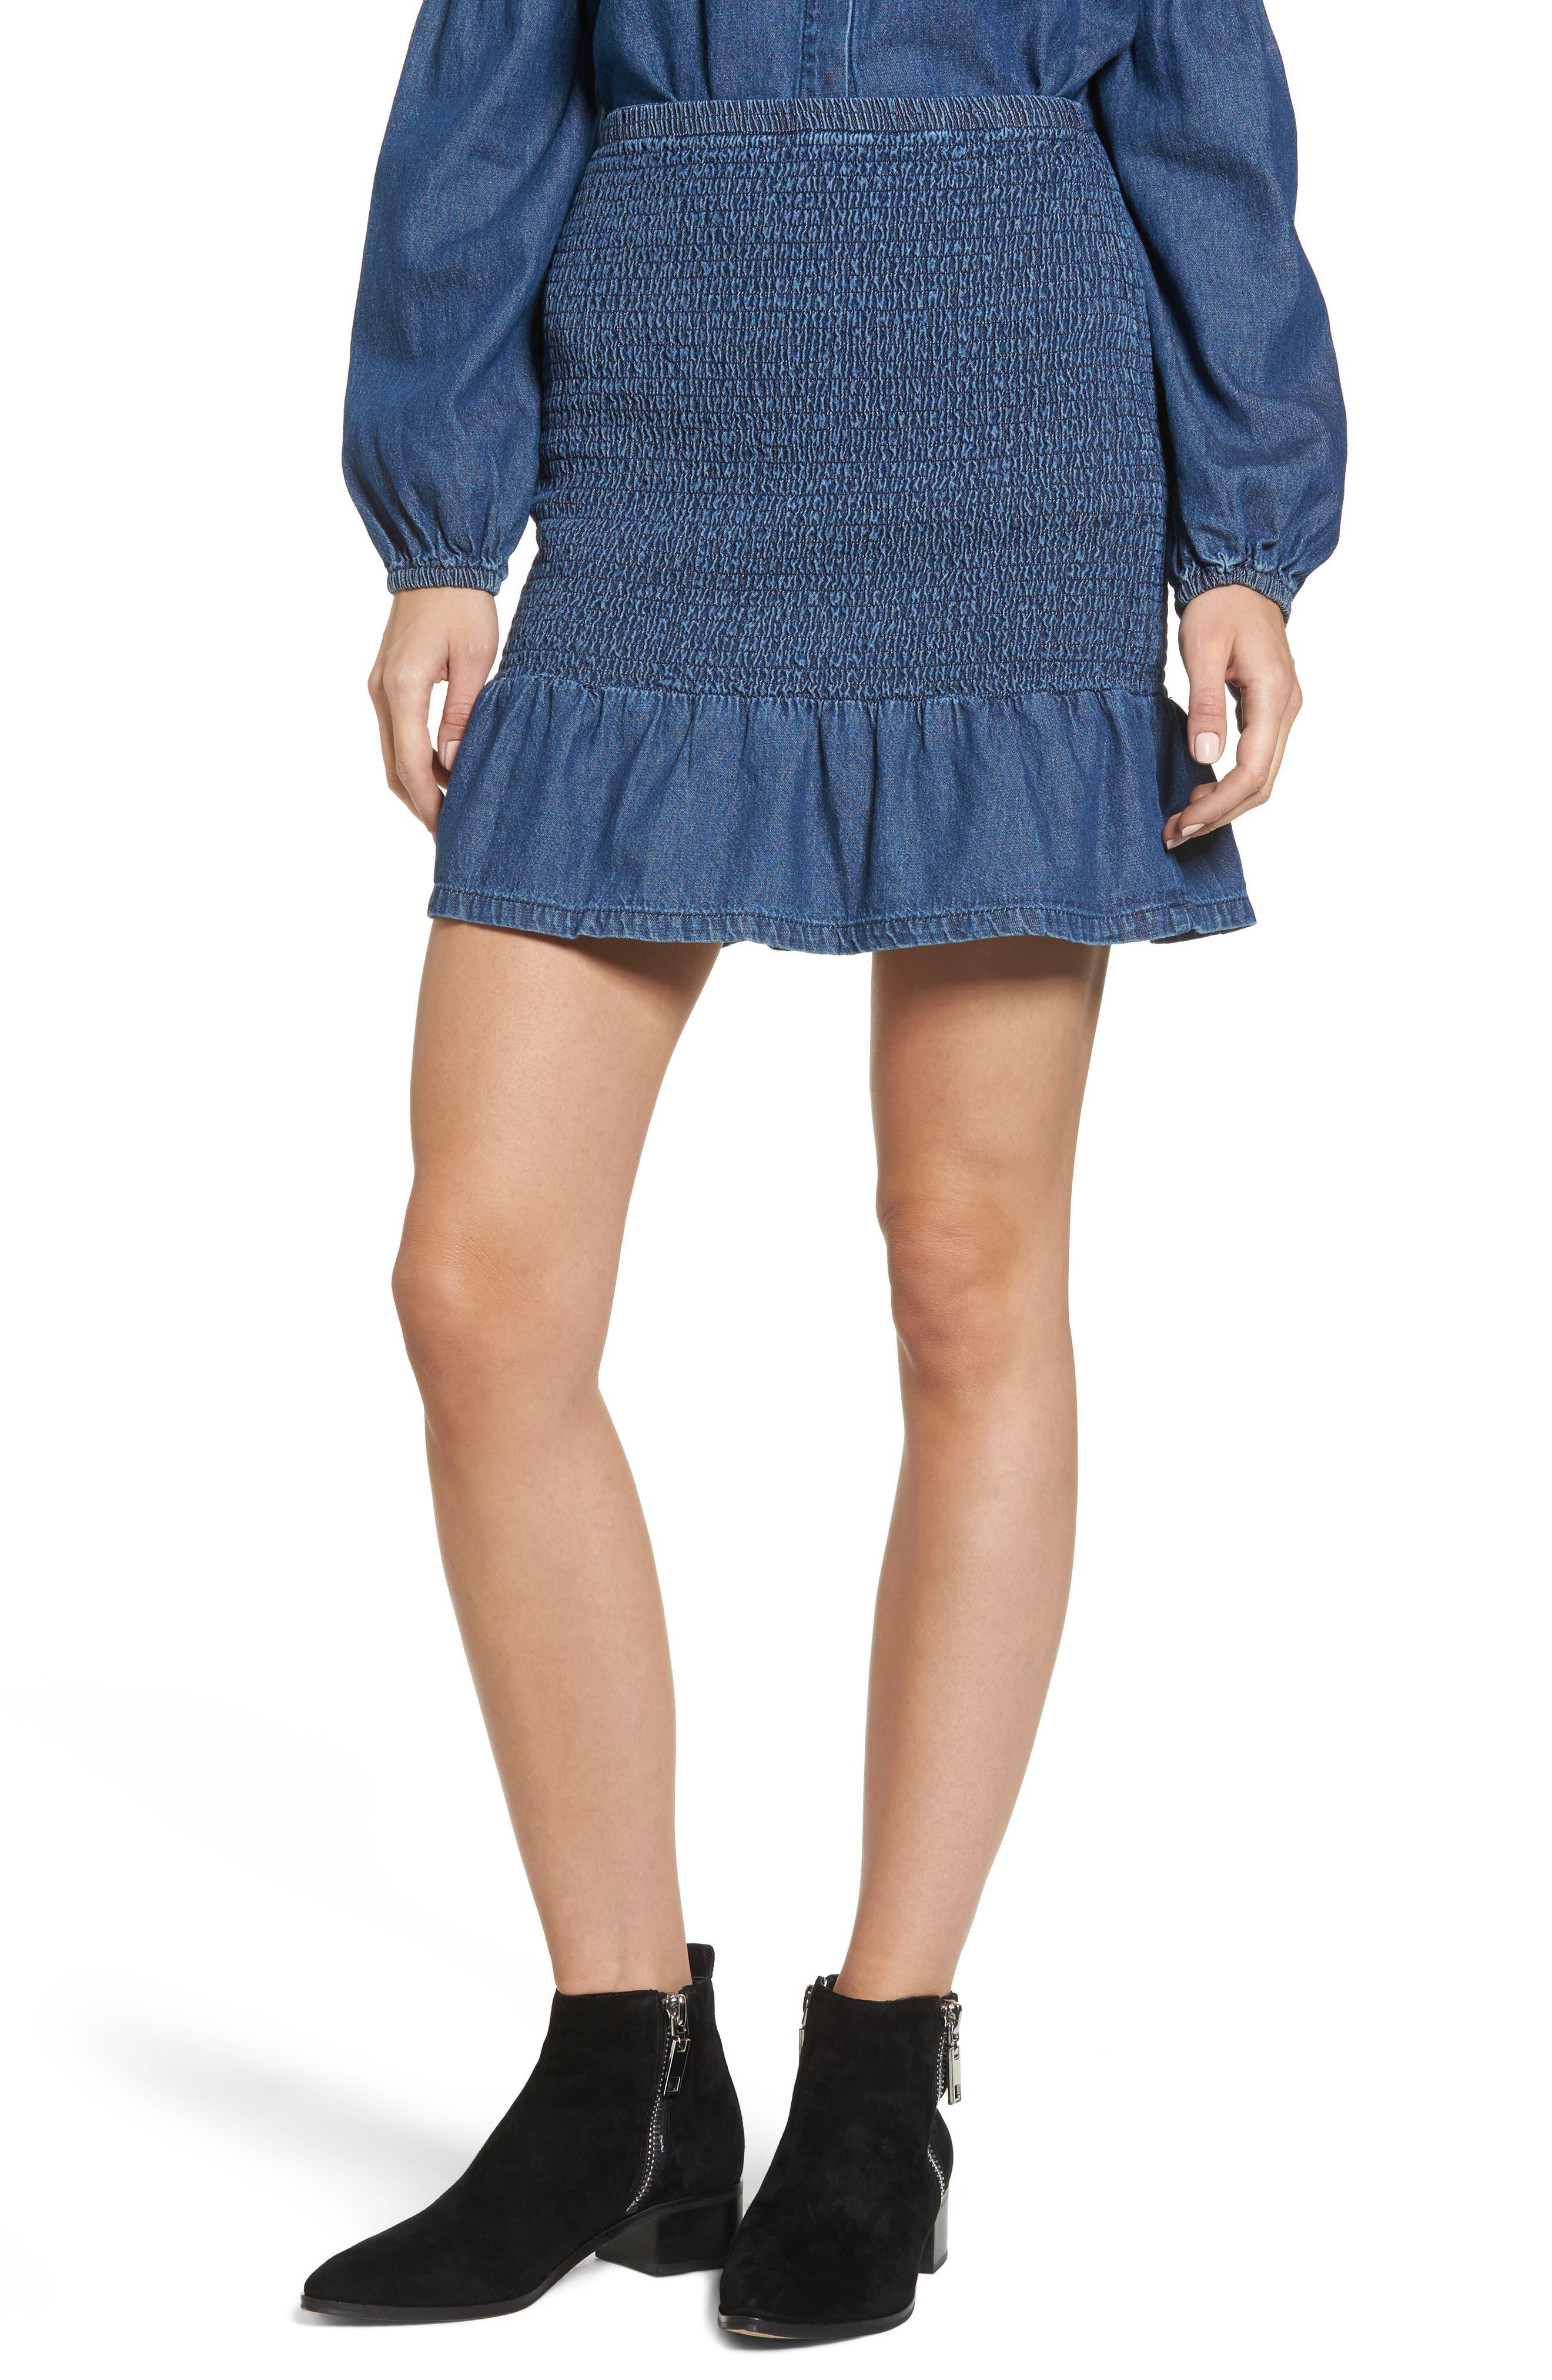 Sentiment Smocked Denim Skirt,                             Main thumbnail 1, color,                             Washed Ink